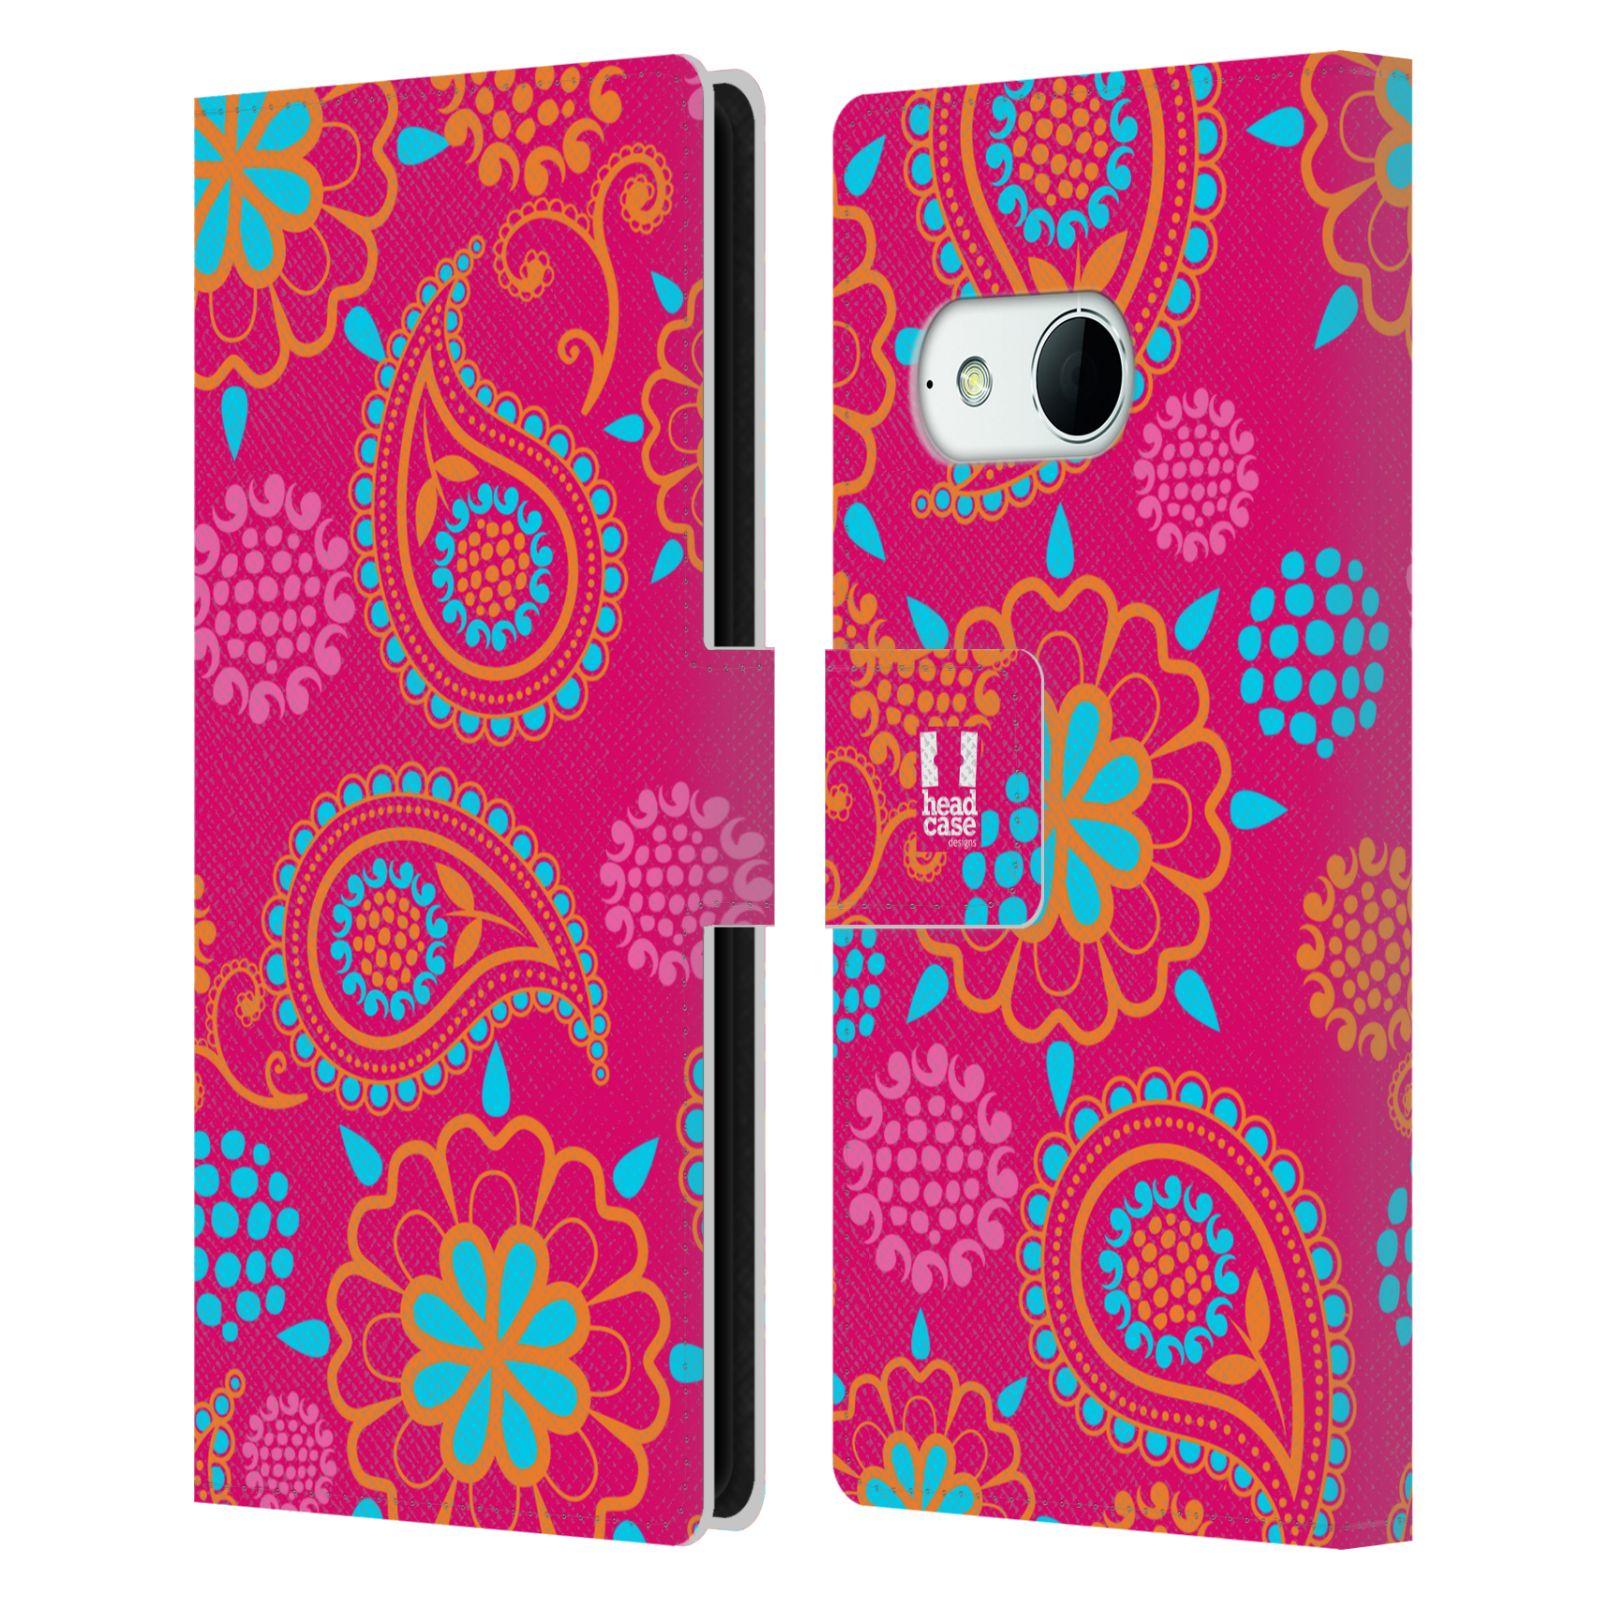 HEAD CASE Flipové pouzdro pro mobil HTC ONE MINI 2 (M8) snové slzy růžová